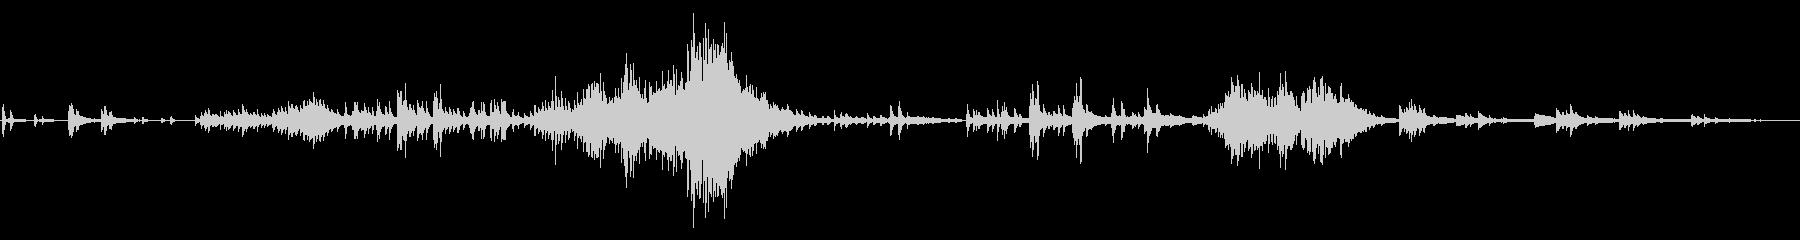 ラヴェル ピアノ組曲 - (鏡) 鳥の未再生の波形